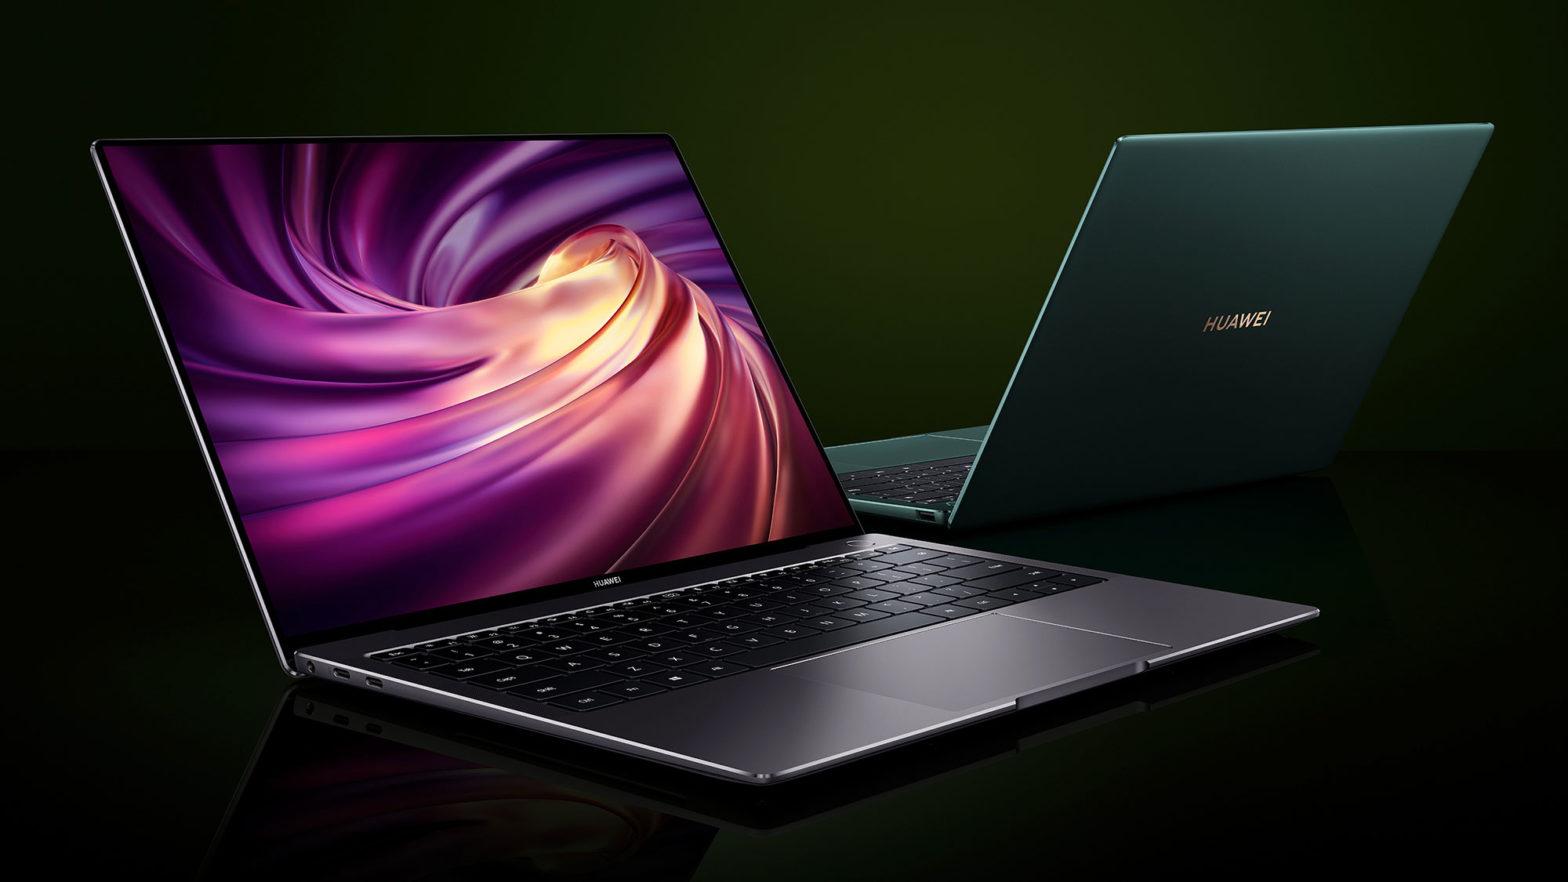 Huawei MatePad Pro 5G and MateBook X Pro Laptop